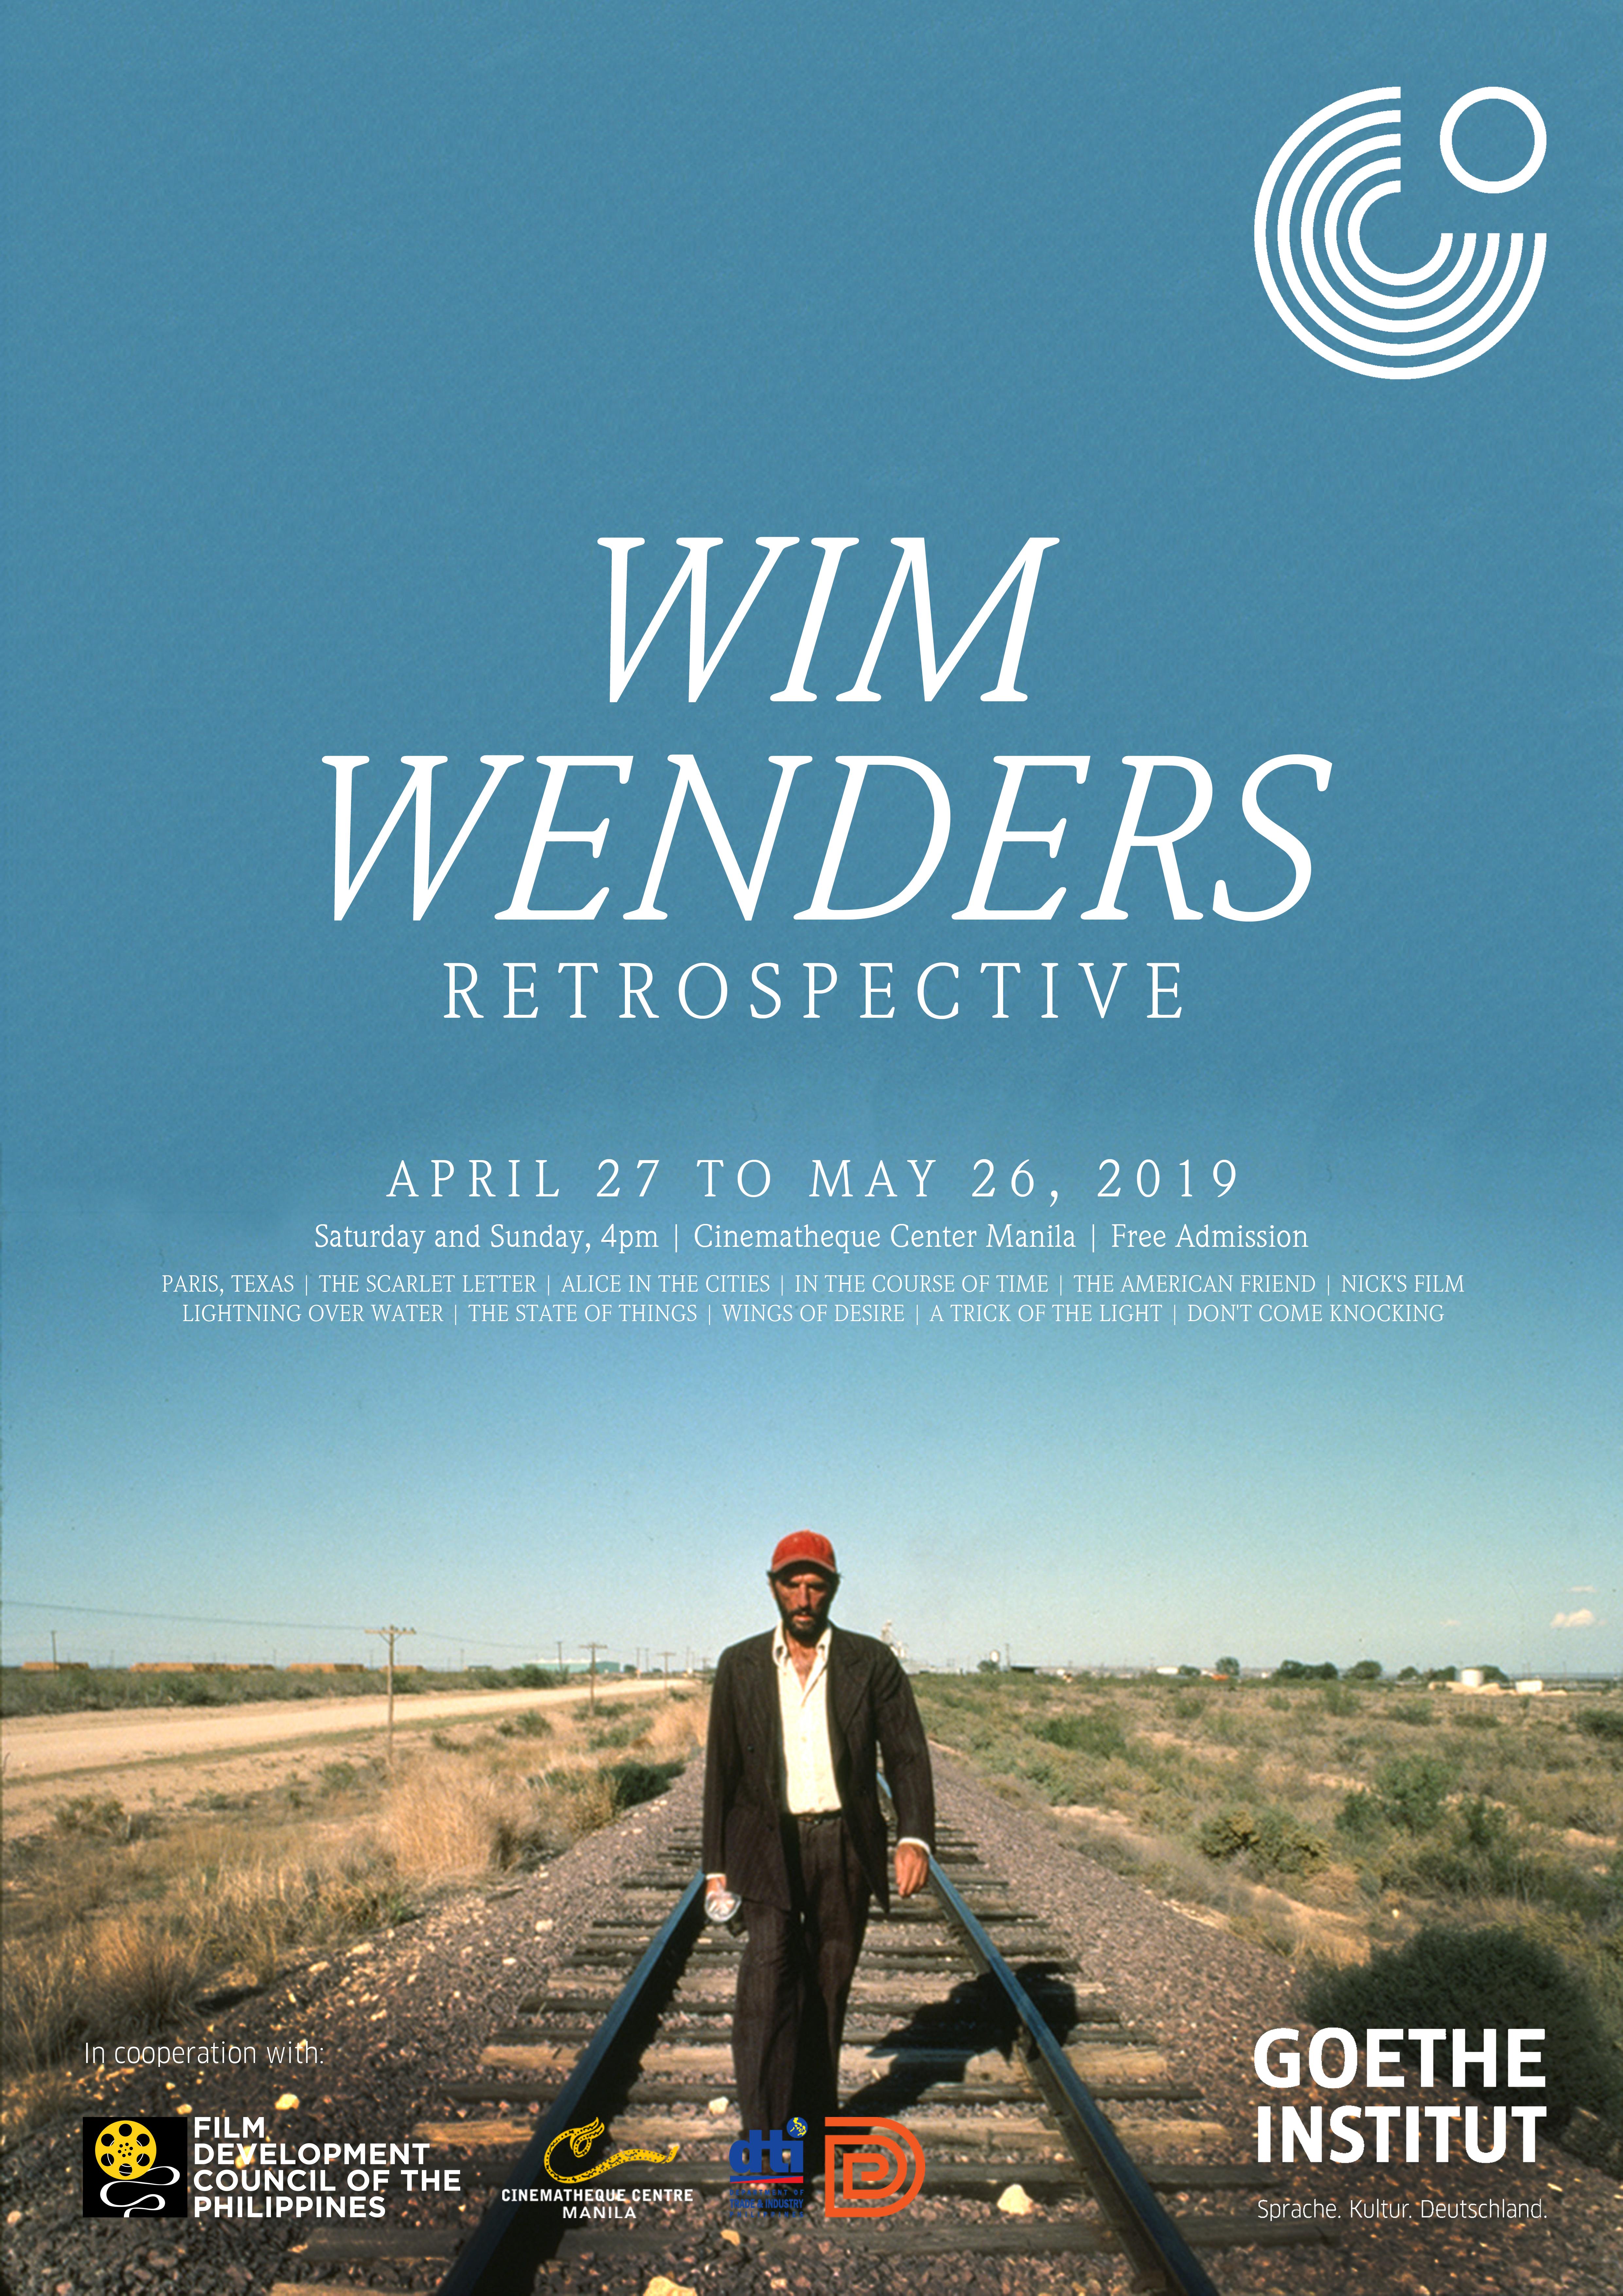 Press - Wim Wenders Retrospective - Goethe-Institut Philippinen